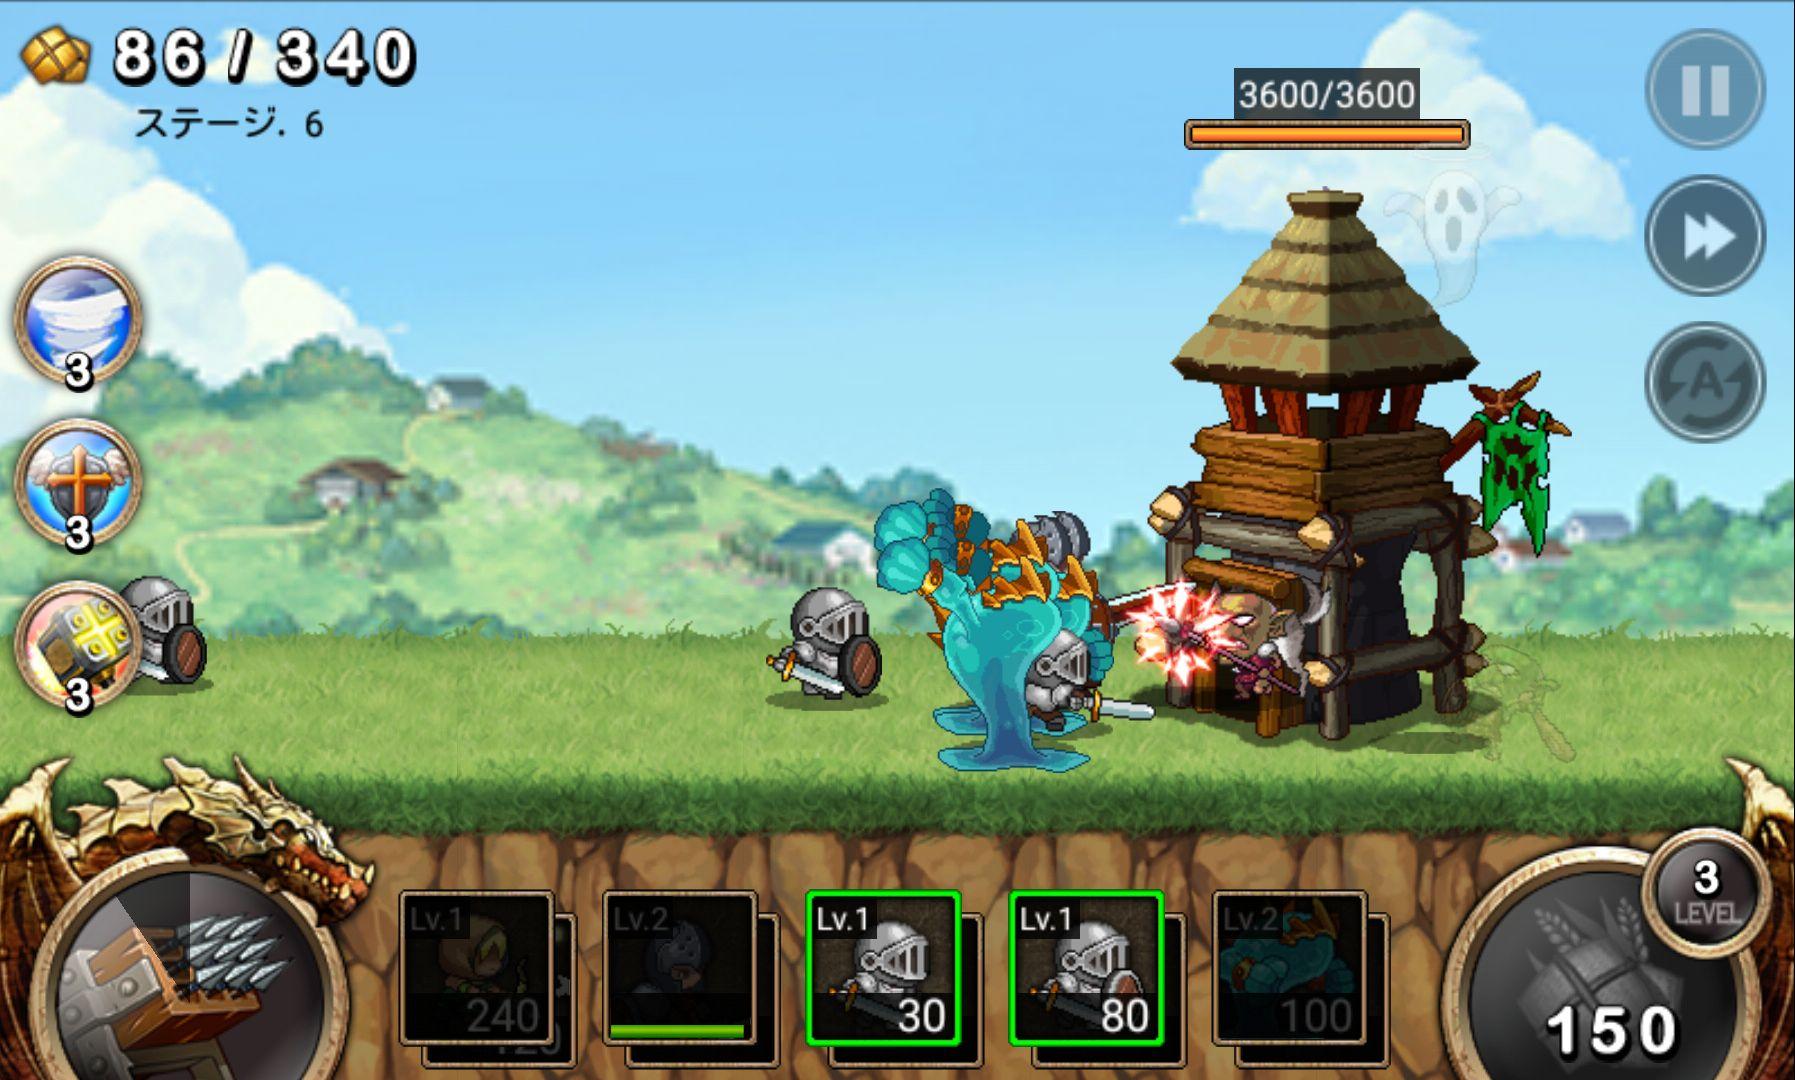 キングダムウォーズ(Kingdom Wars) androidアプリスクリーンショット1